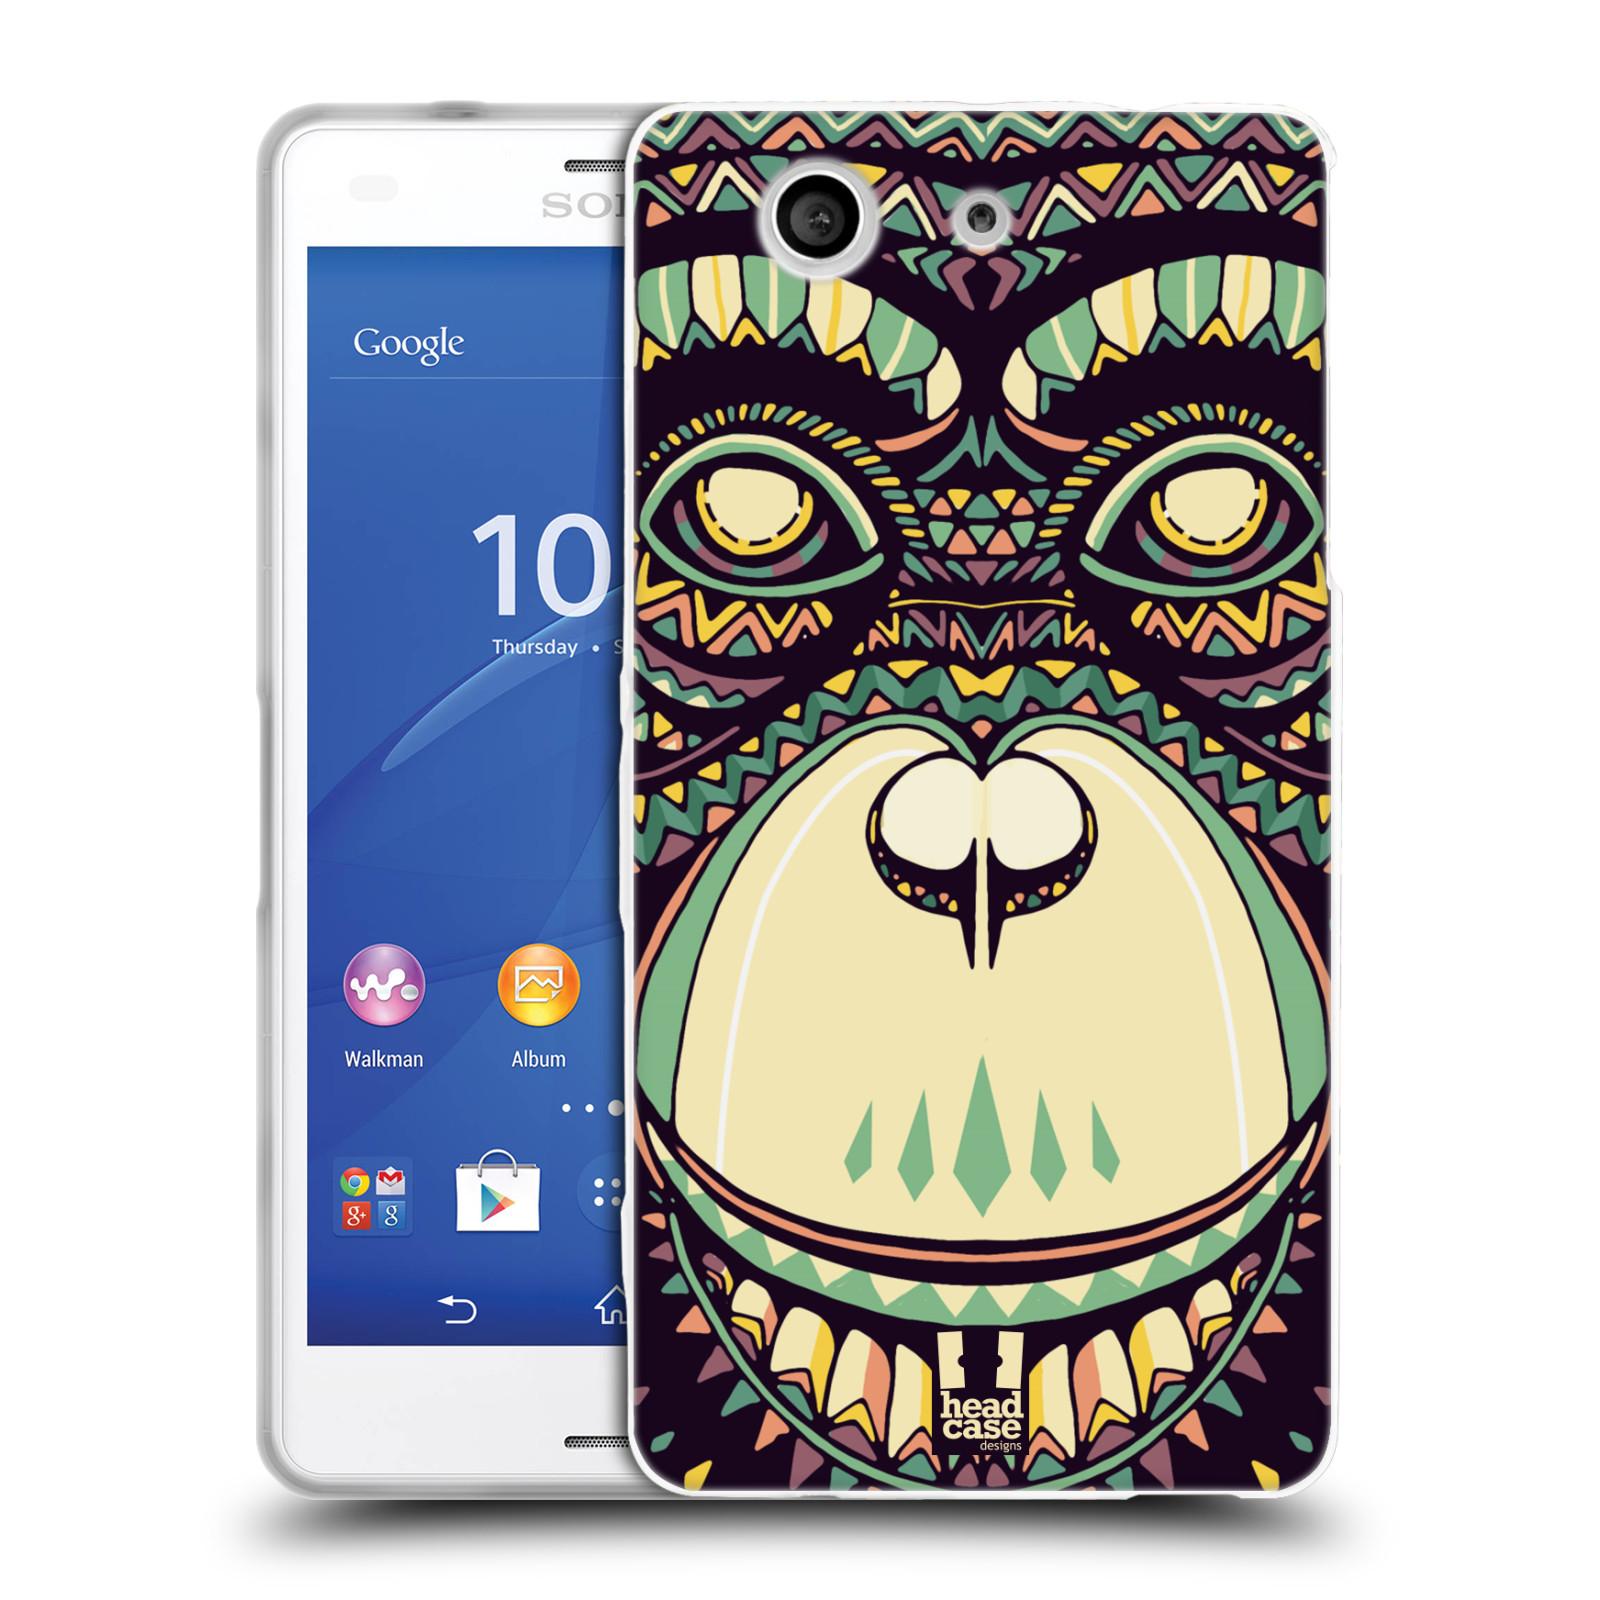 HEAD CASE silikonový obal na mobil Sony Xperia Z3 COMPACT (D5803) vzor Aztécký motiv zvíře 3 šimpanz